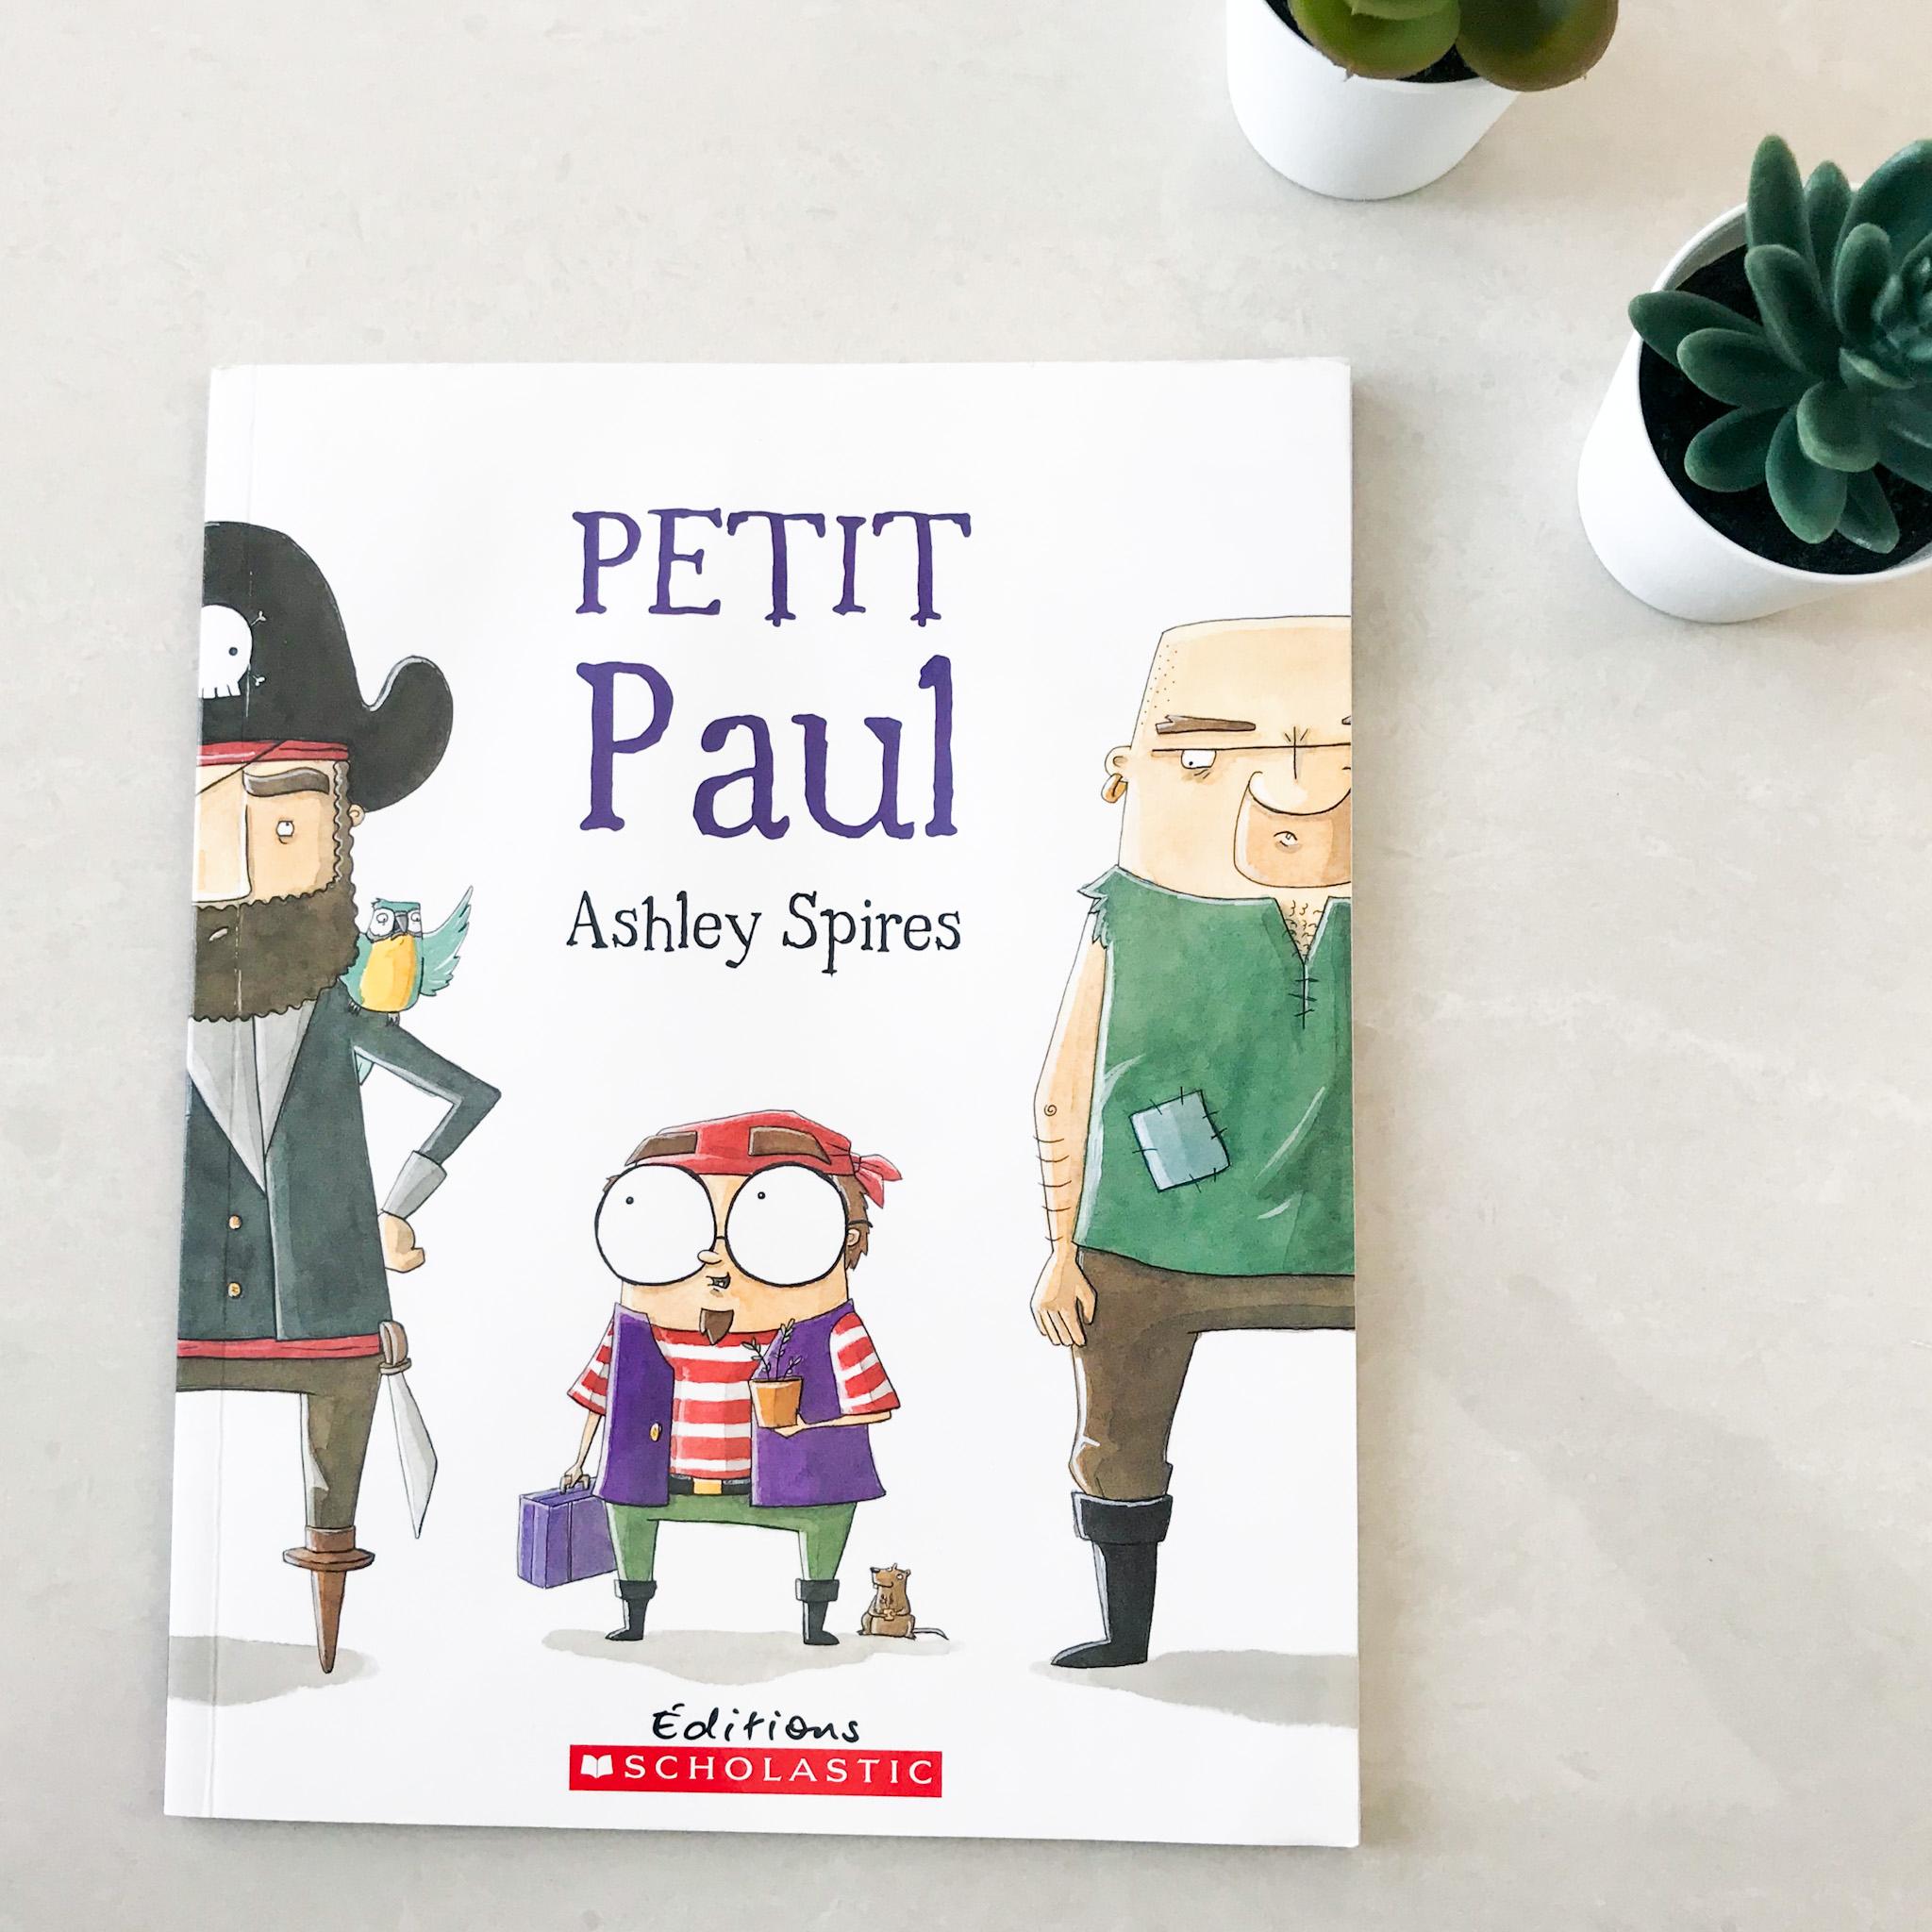 Petit Paul (Scholastic)